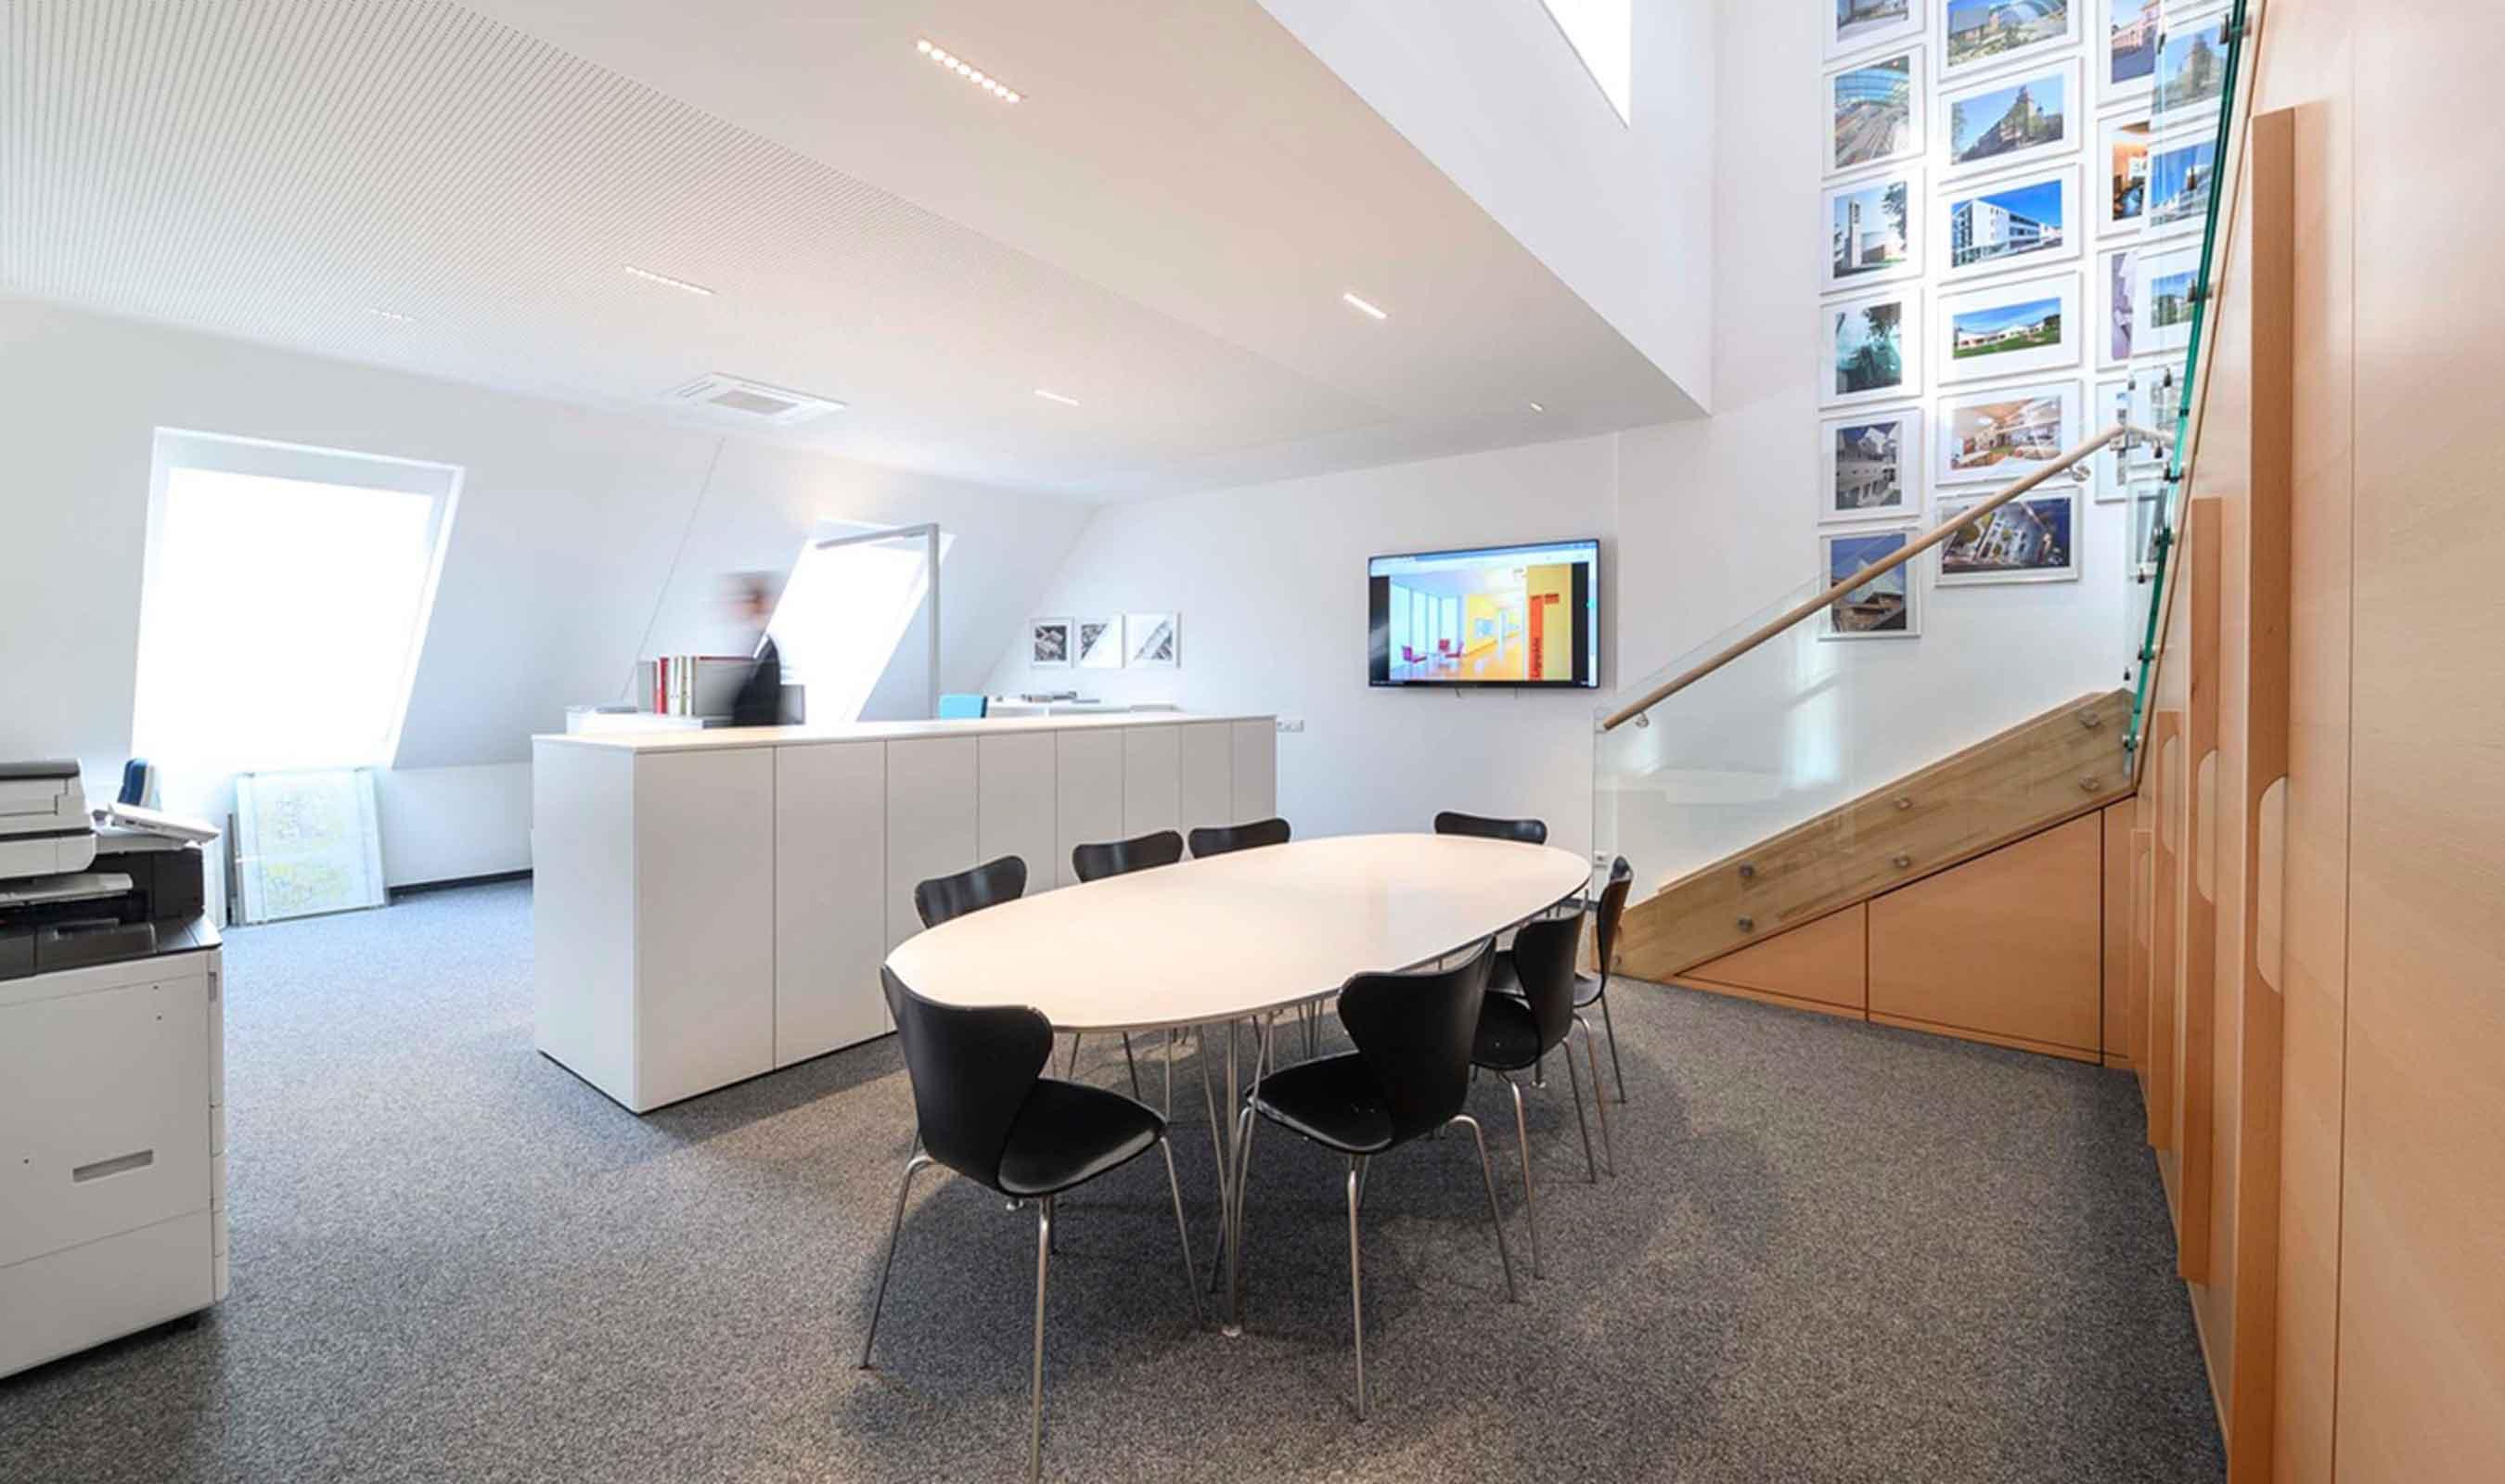 Architekt Pfoser Innenansicht Büro